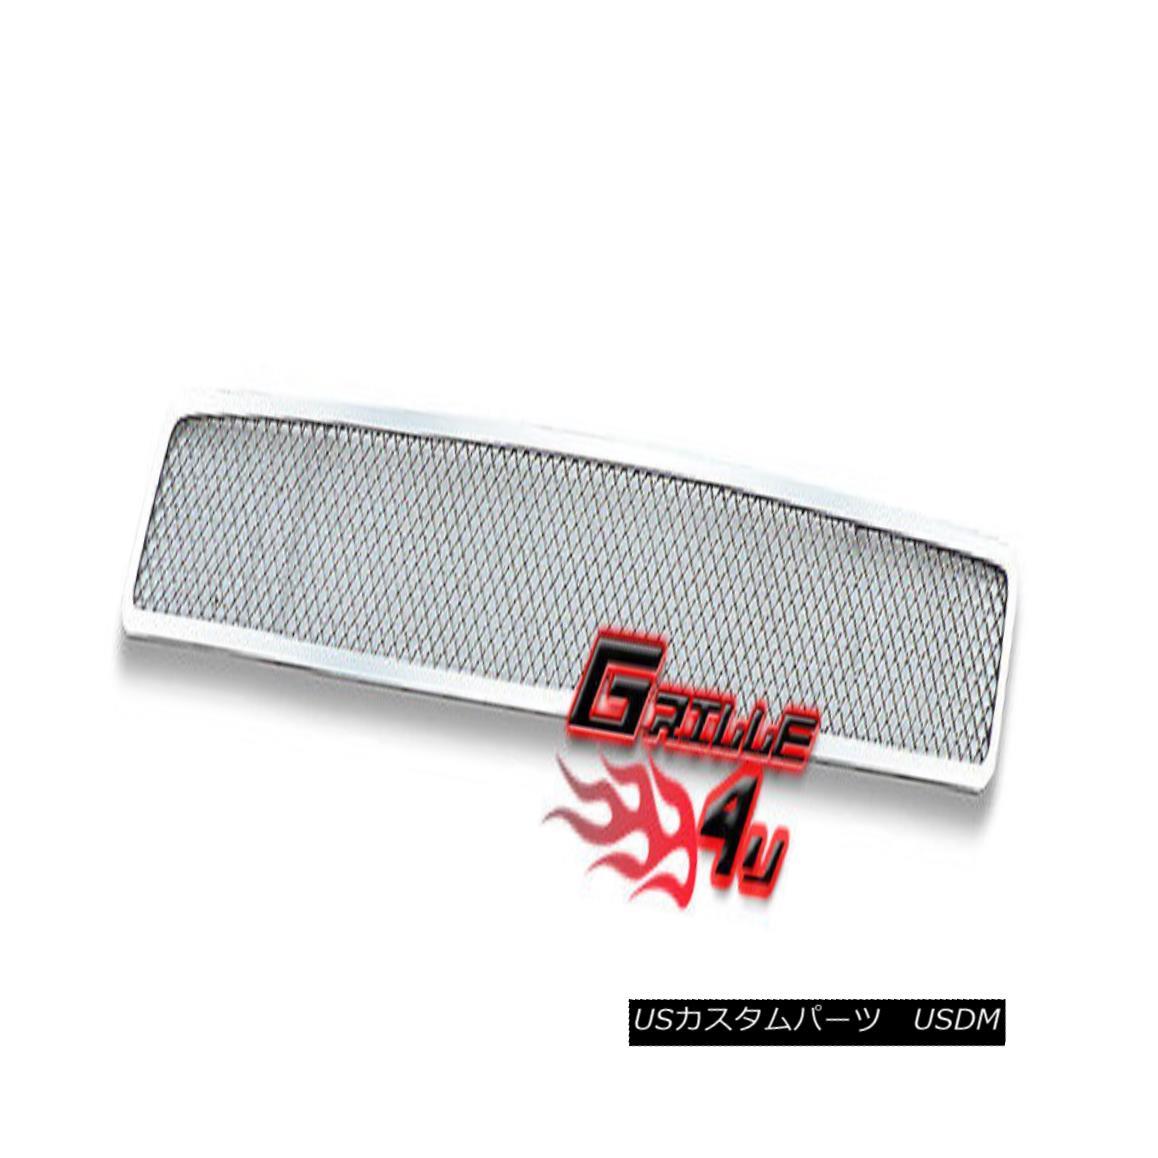 グリル Customized For 09-11 2011 Dodge Challenger Stainless Mesh Premium Grille 2011年9月11日にカスタマイズされたダッジチャレンジャーステンレスメッシュプレミアムグリル